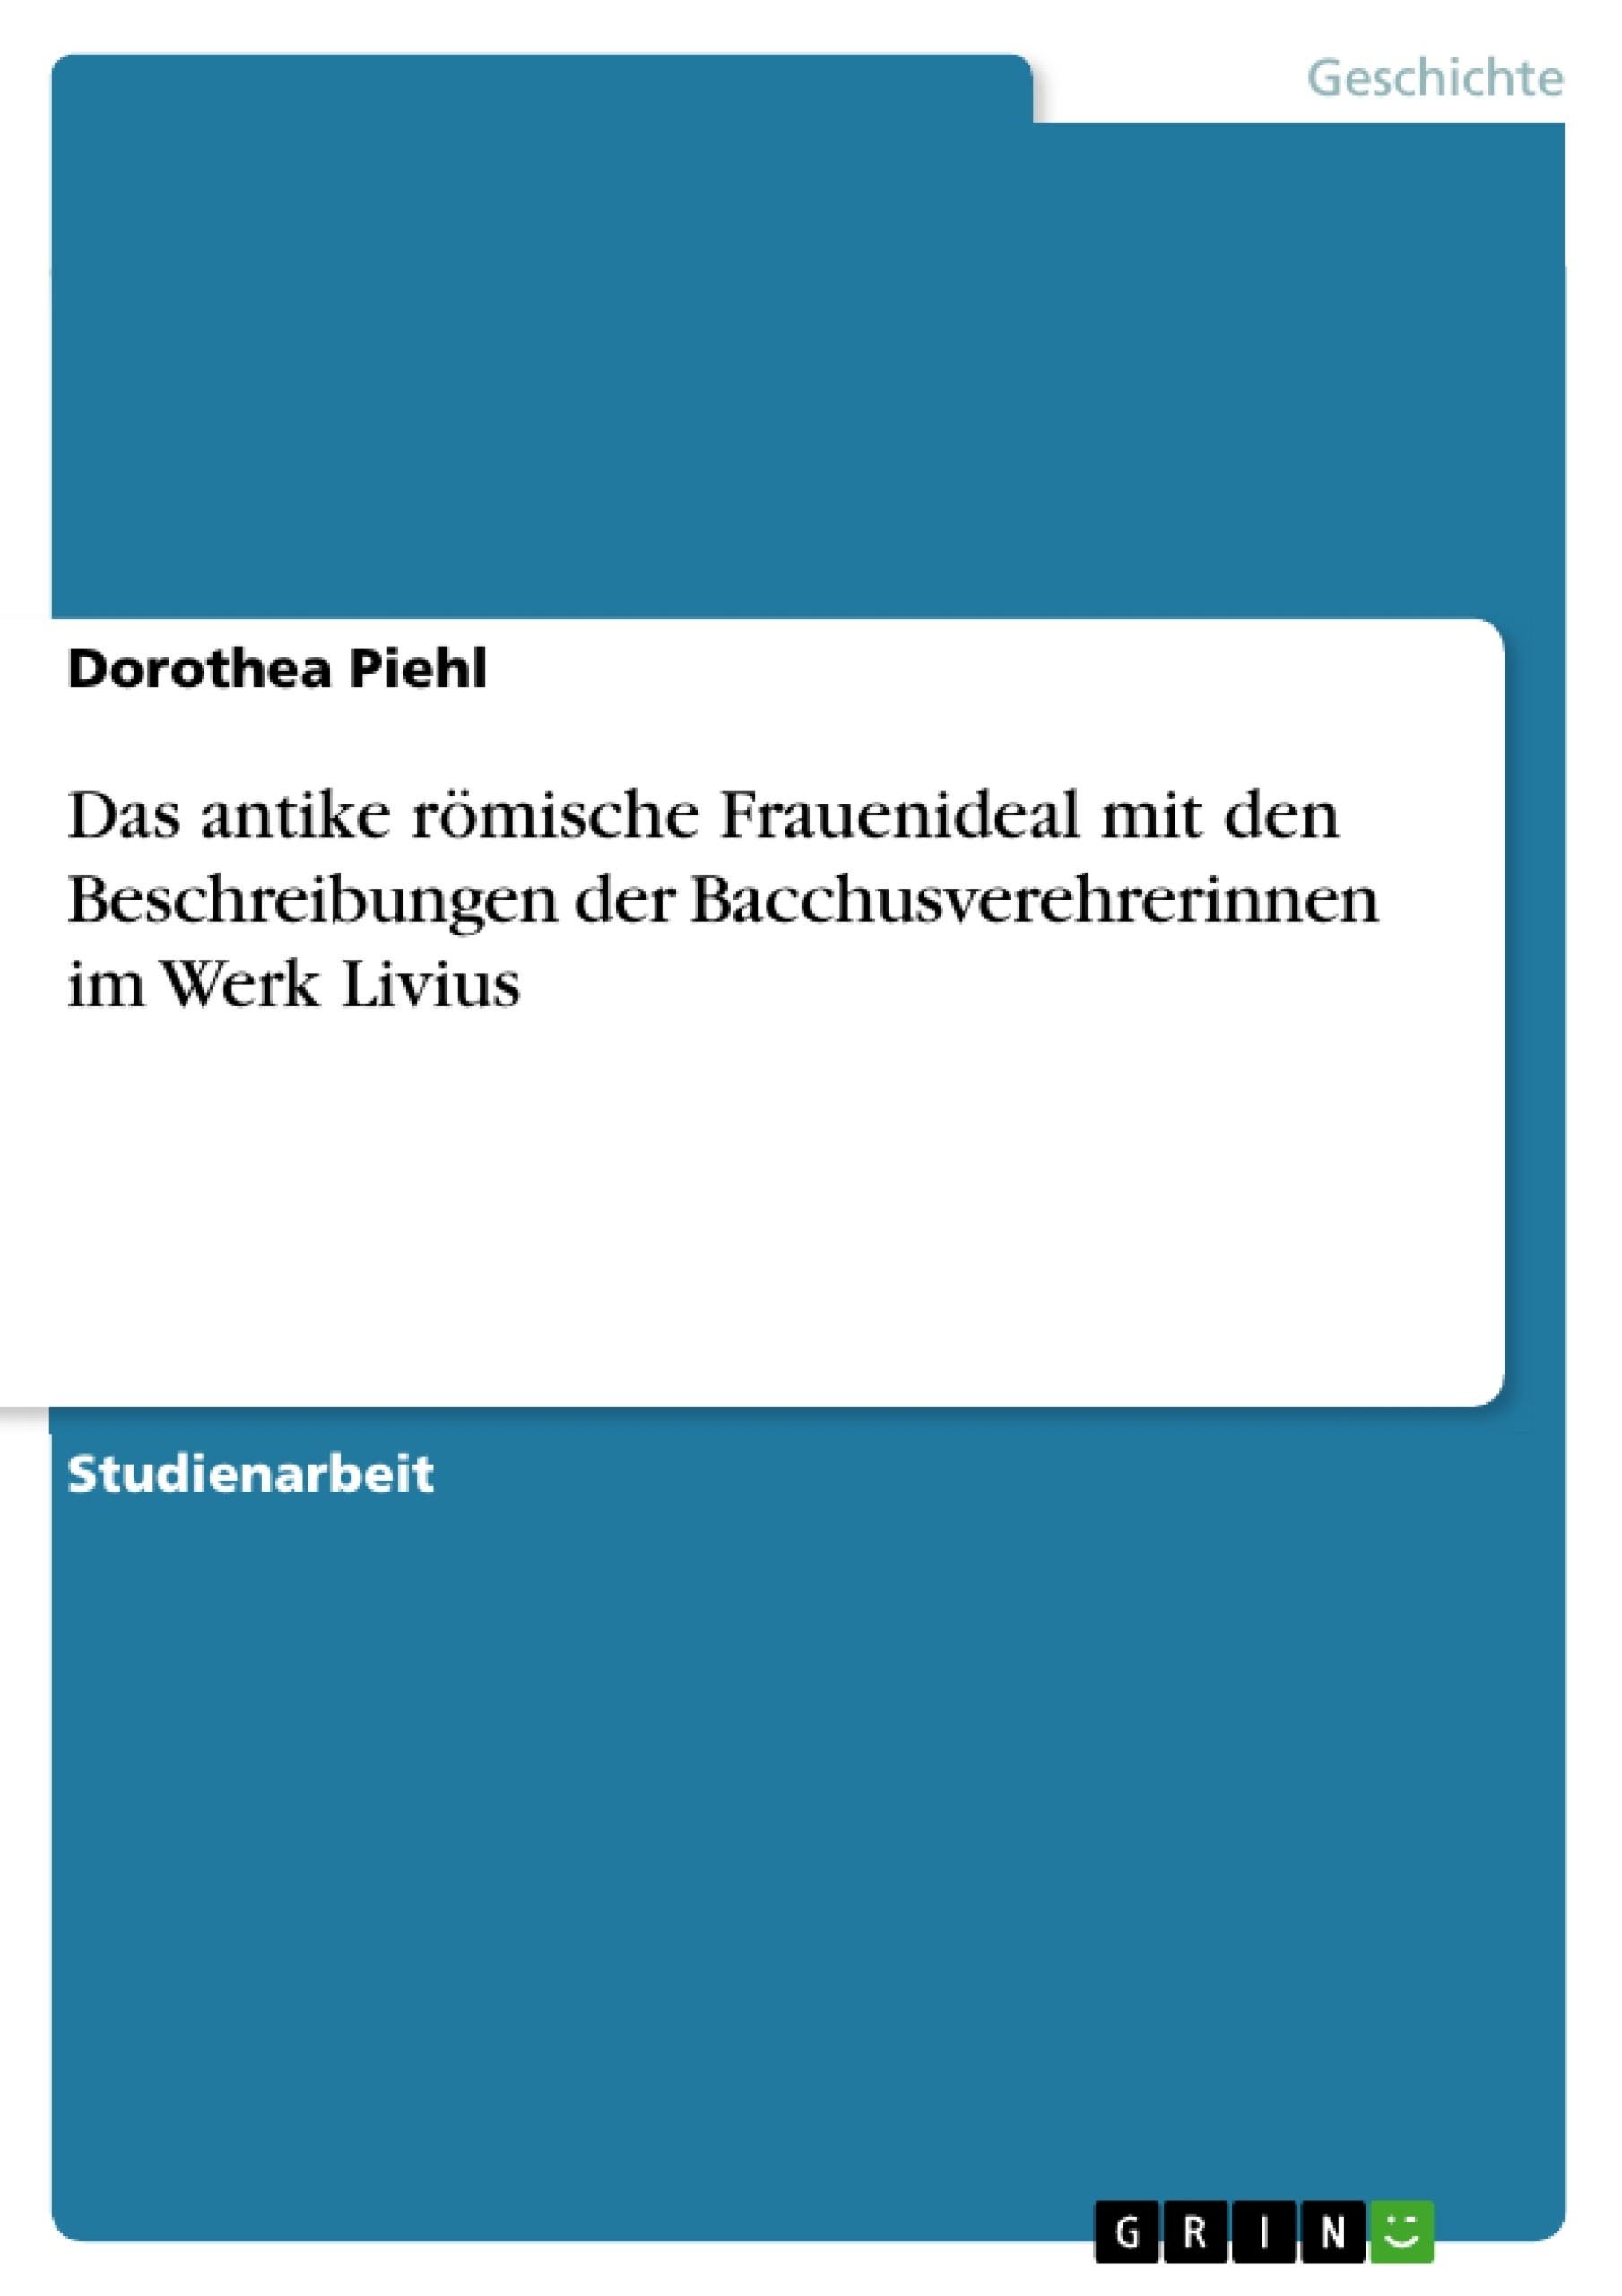 Titel: Das antike römische Frauenideal mit den Beschreibungen der Bacchusverehrerinnen im Werk Livius